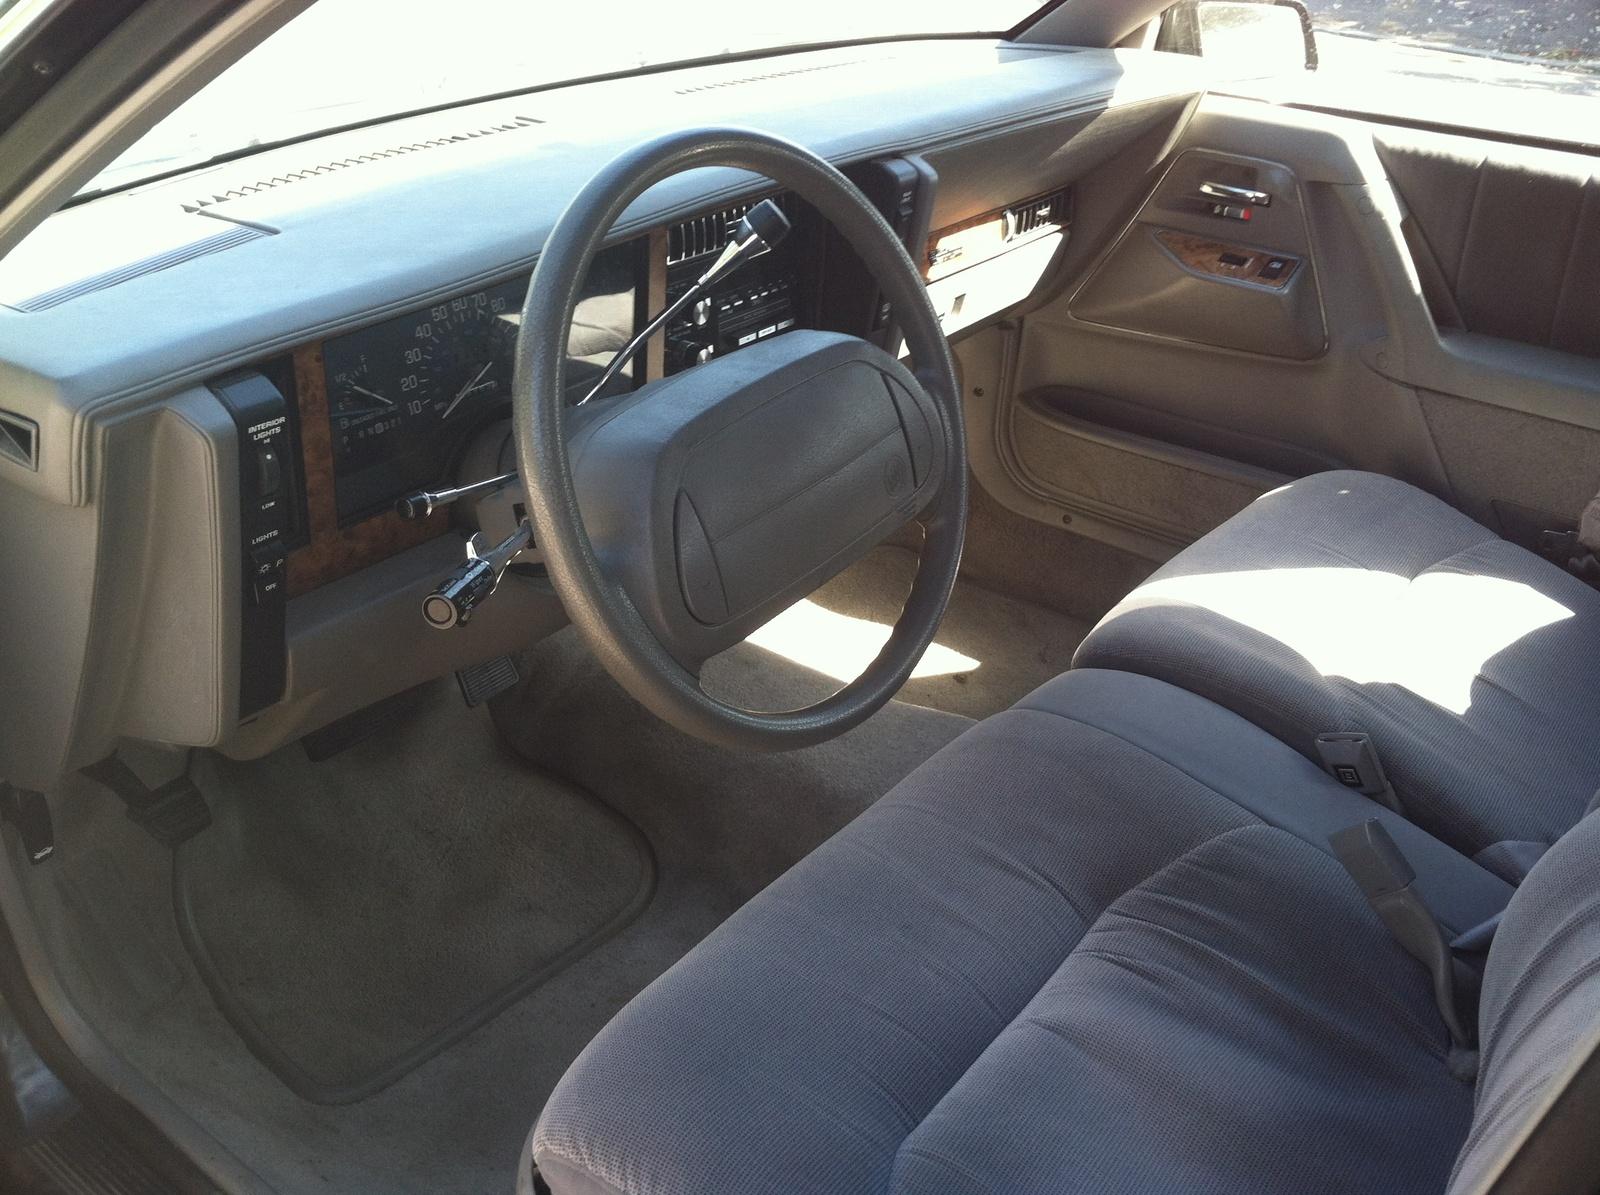 1995 Buick Century - Interior Pictures